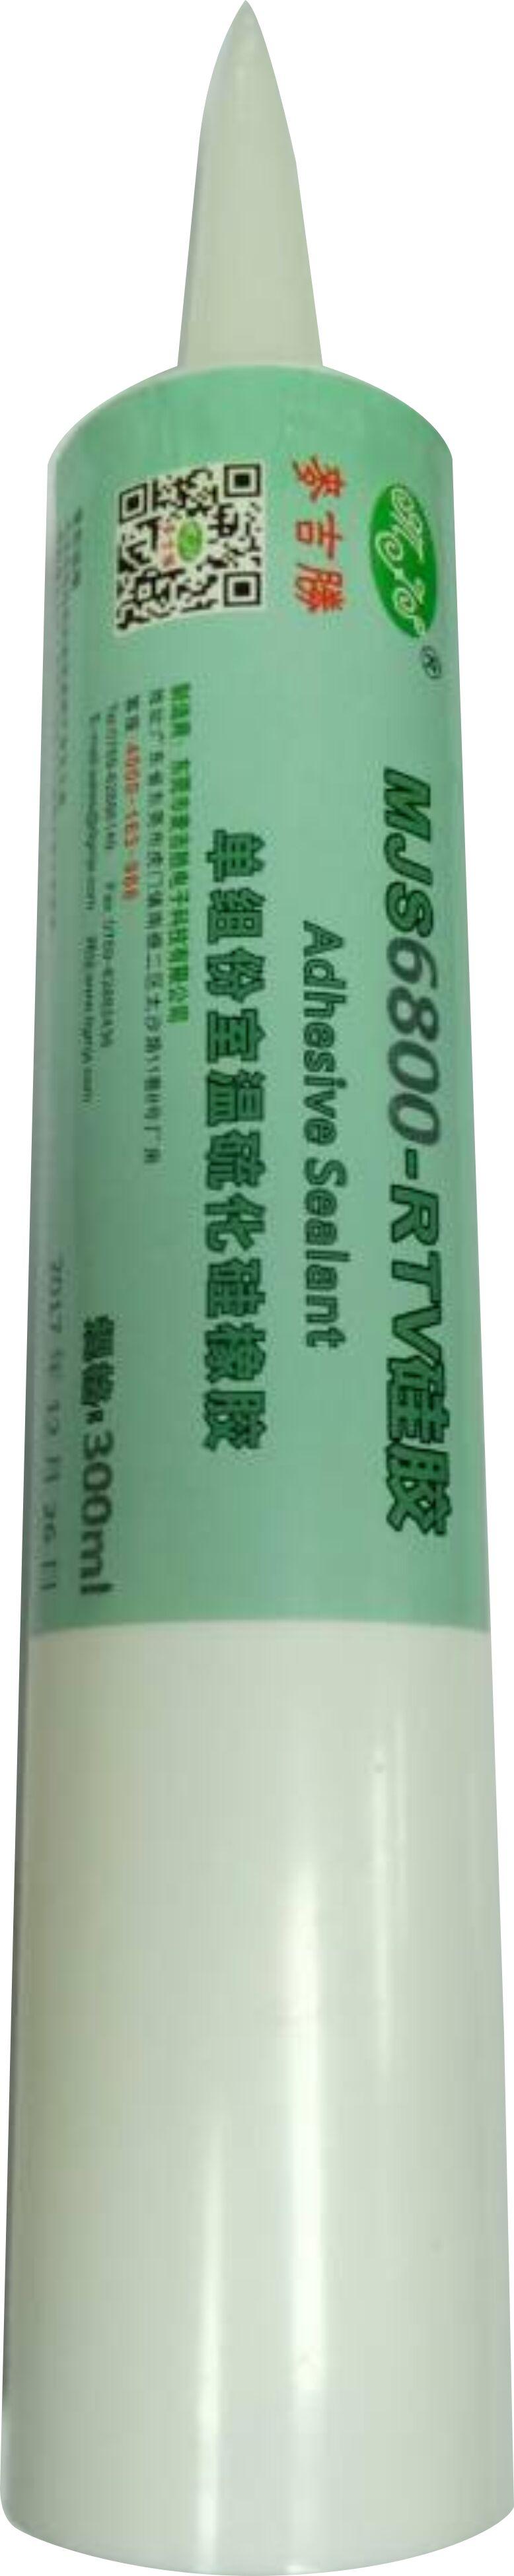 MJS6800防水密封胶